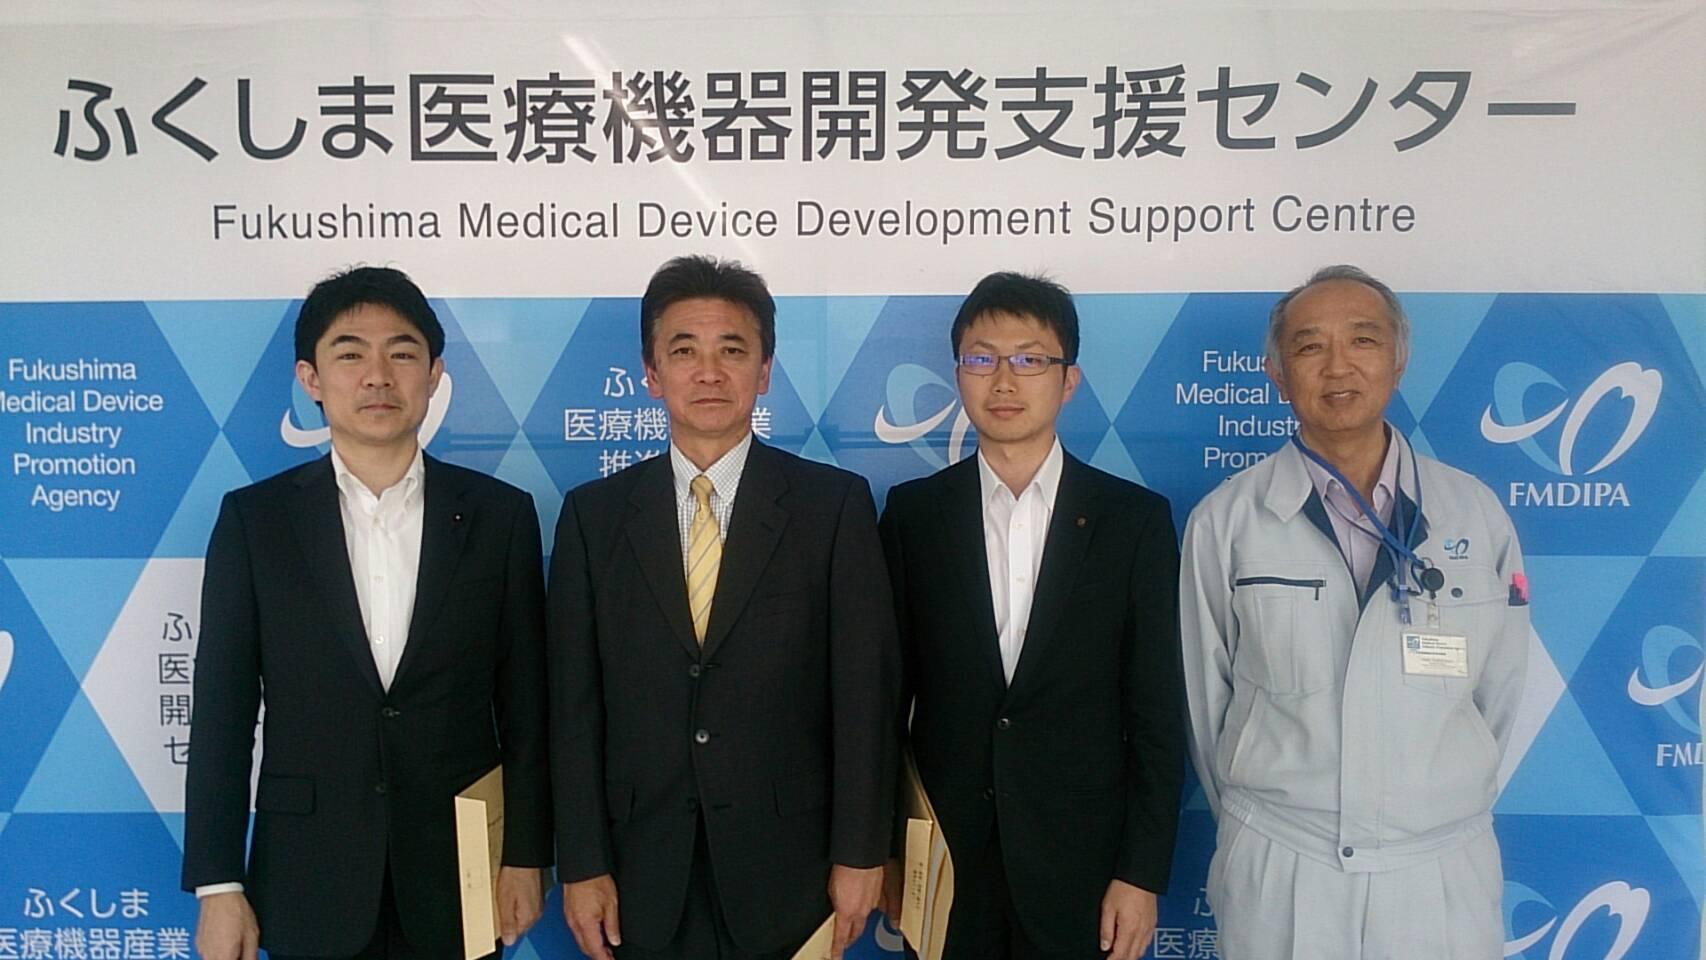 『ふくしま医療機器開発支援センター』_f0259324_19355567.jpg